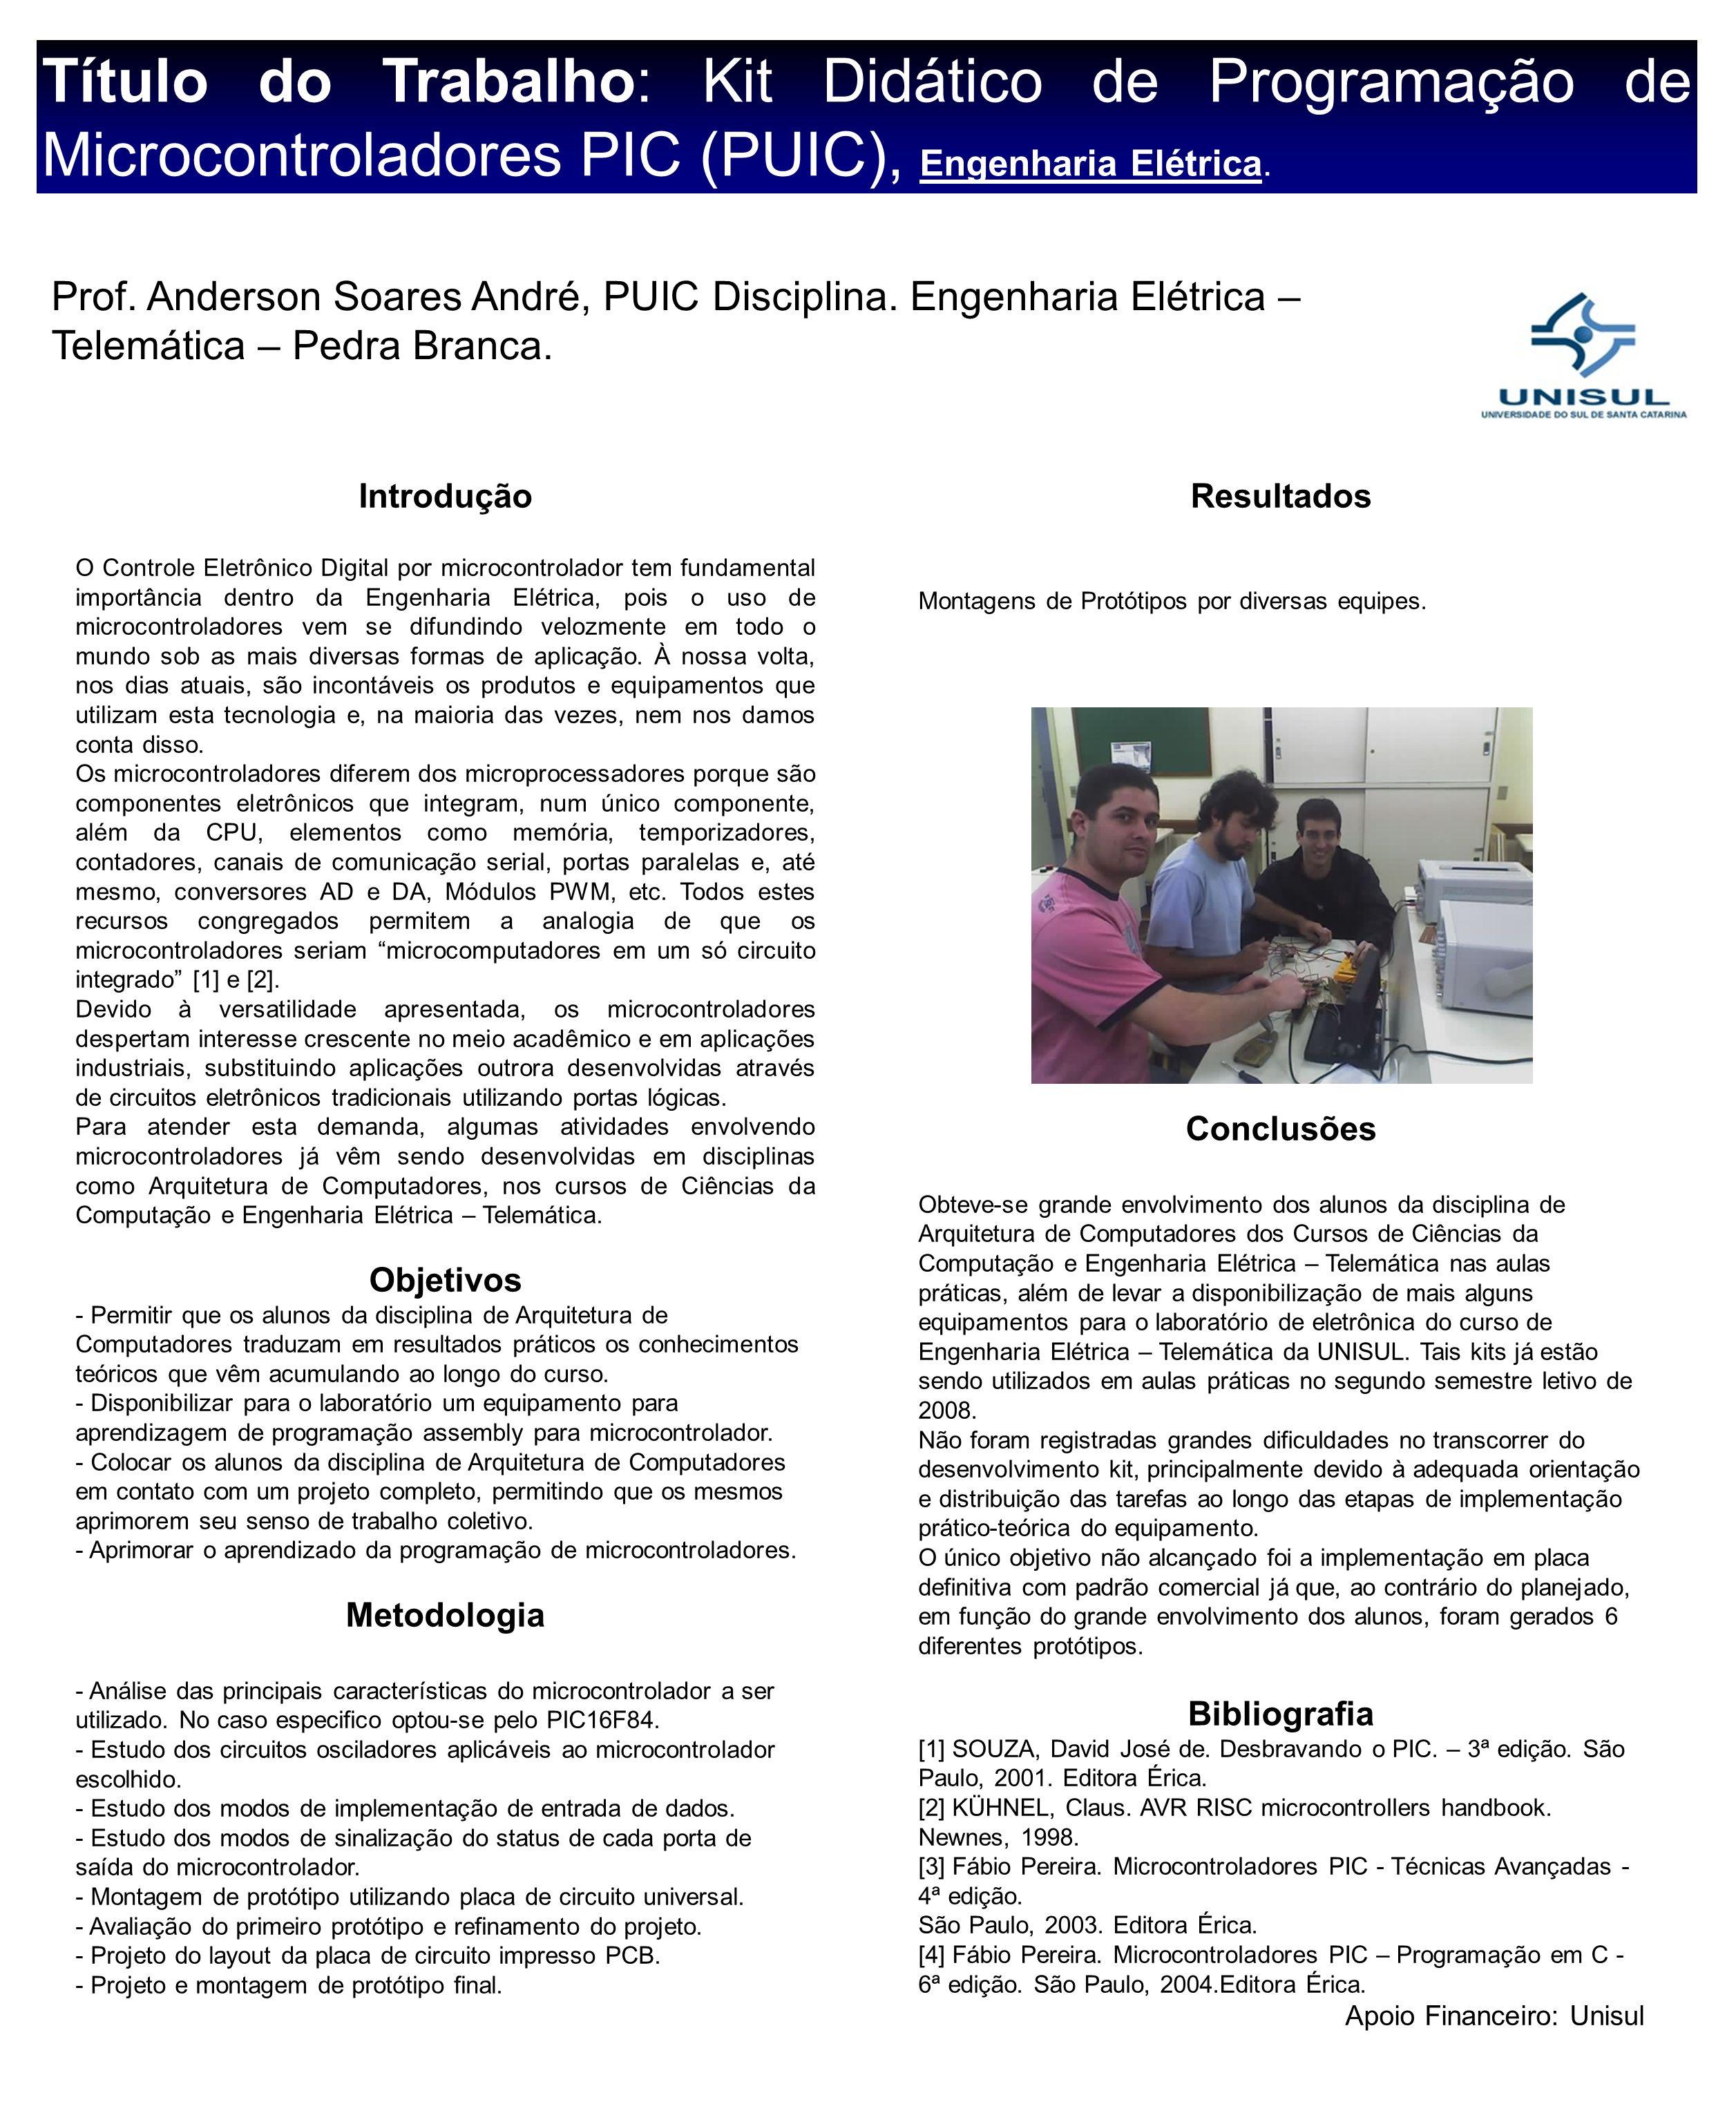 Título do Trabalho: Kit Didático de Programação de Microcontroladores PIC (PUIC), Engenharia Elétrica.